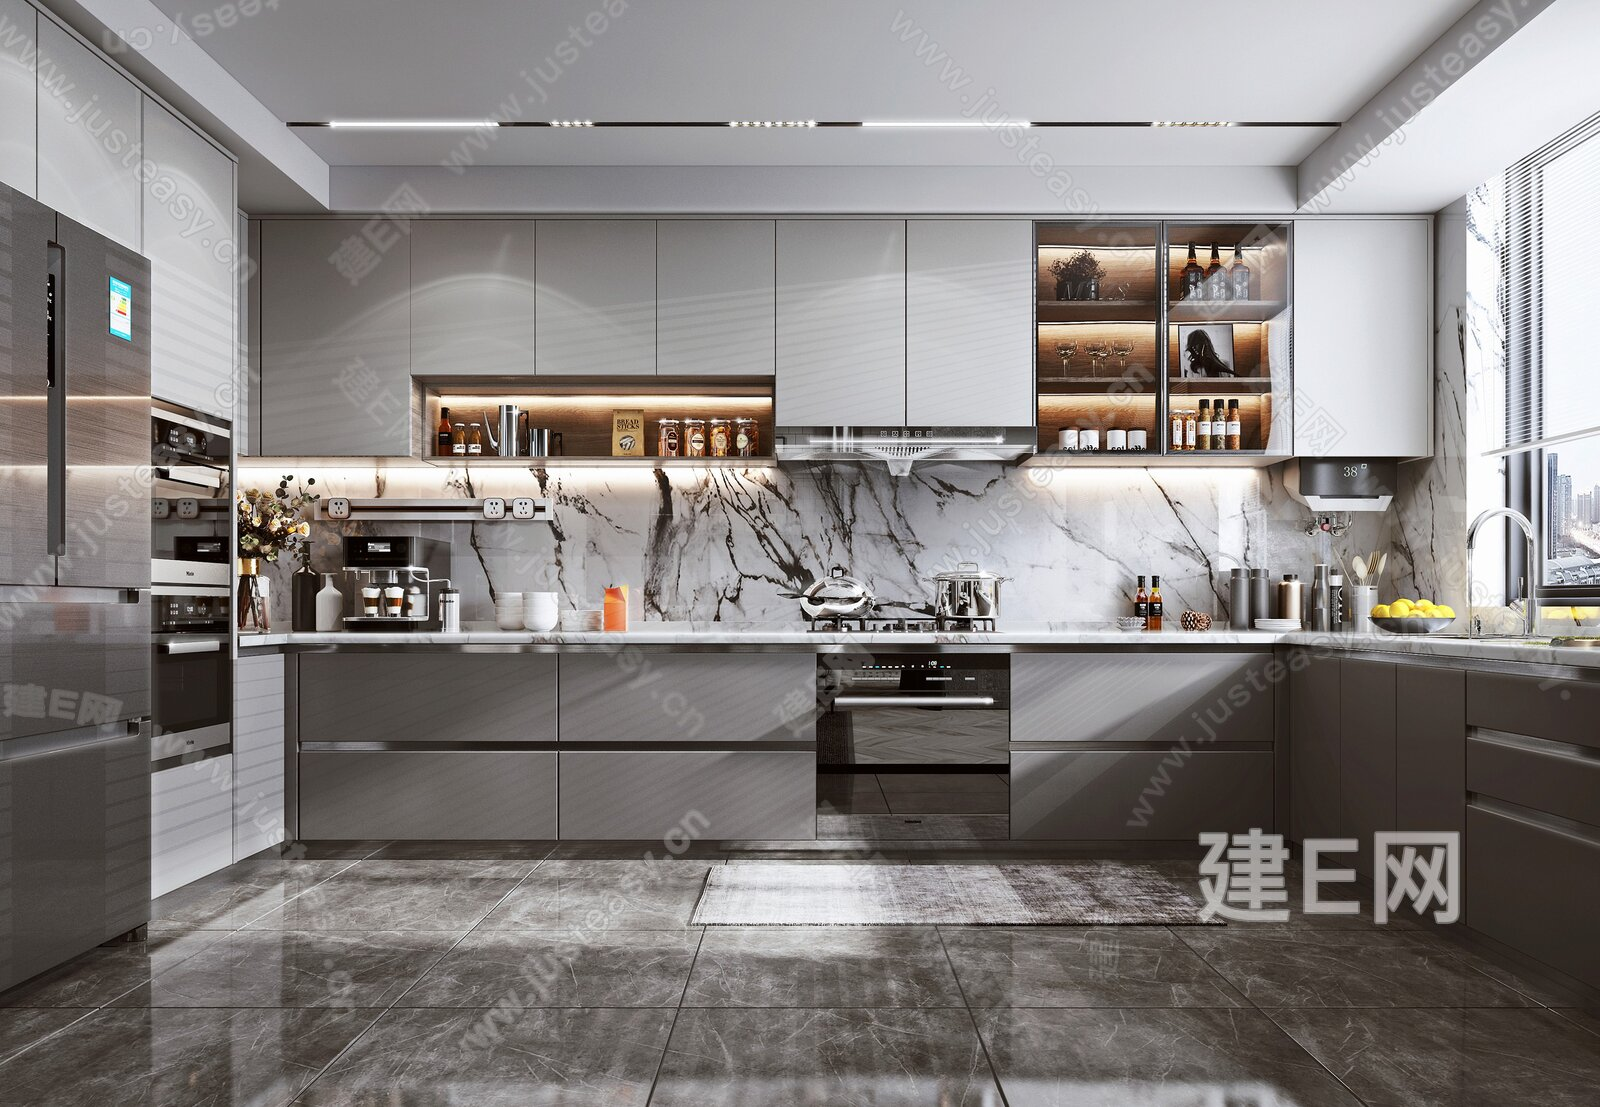 现代风格厨房 3d模型